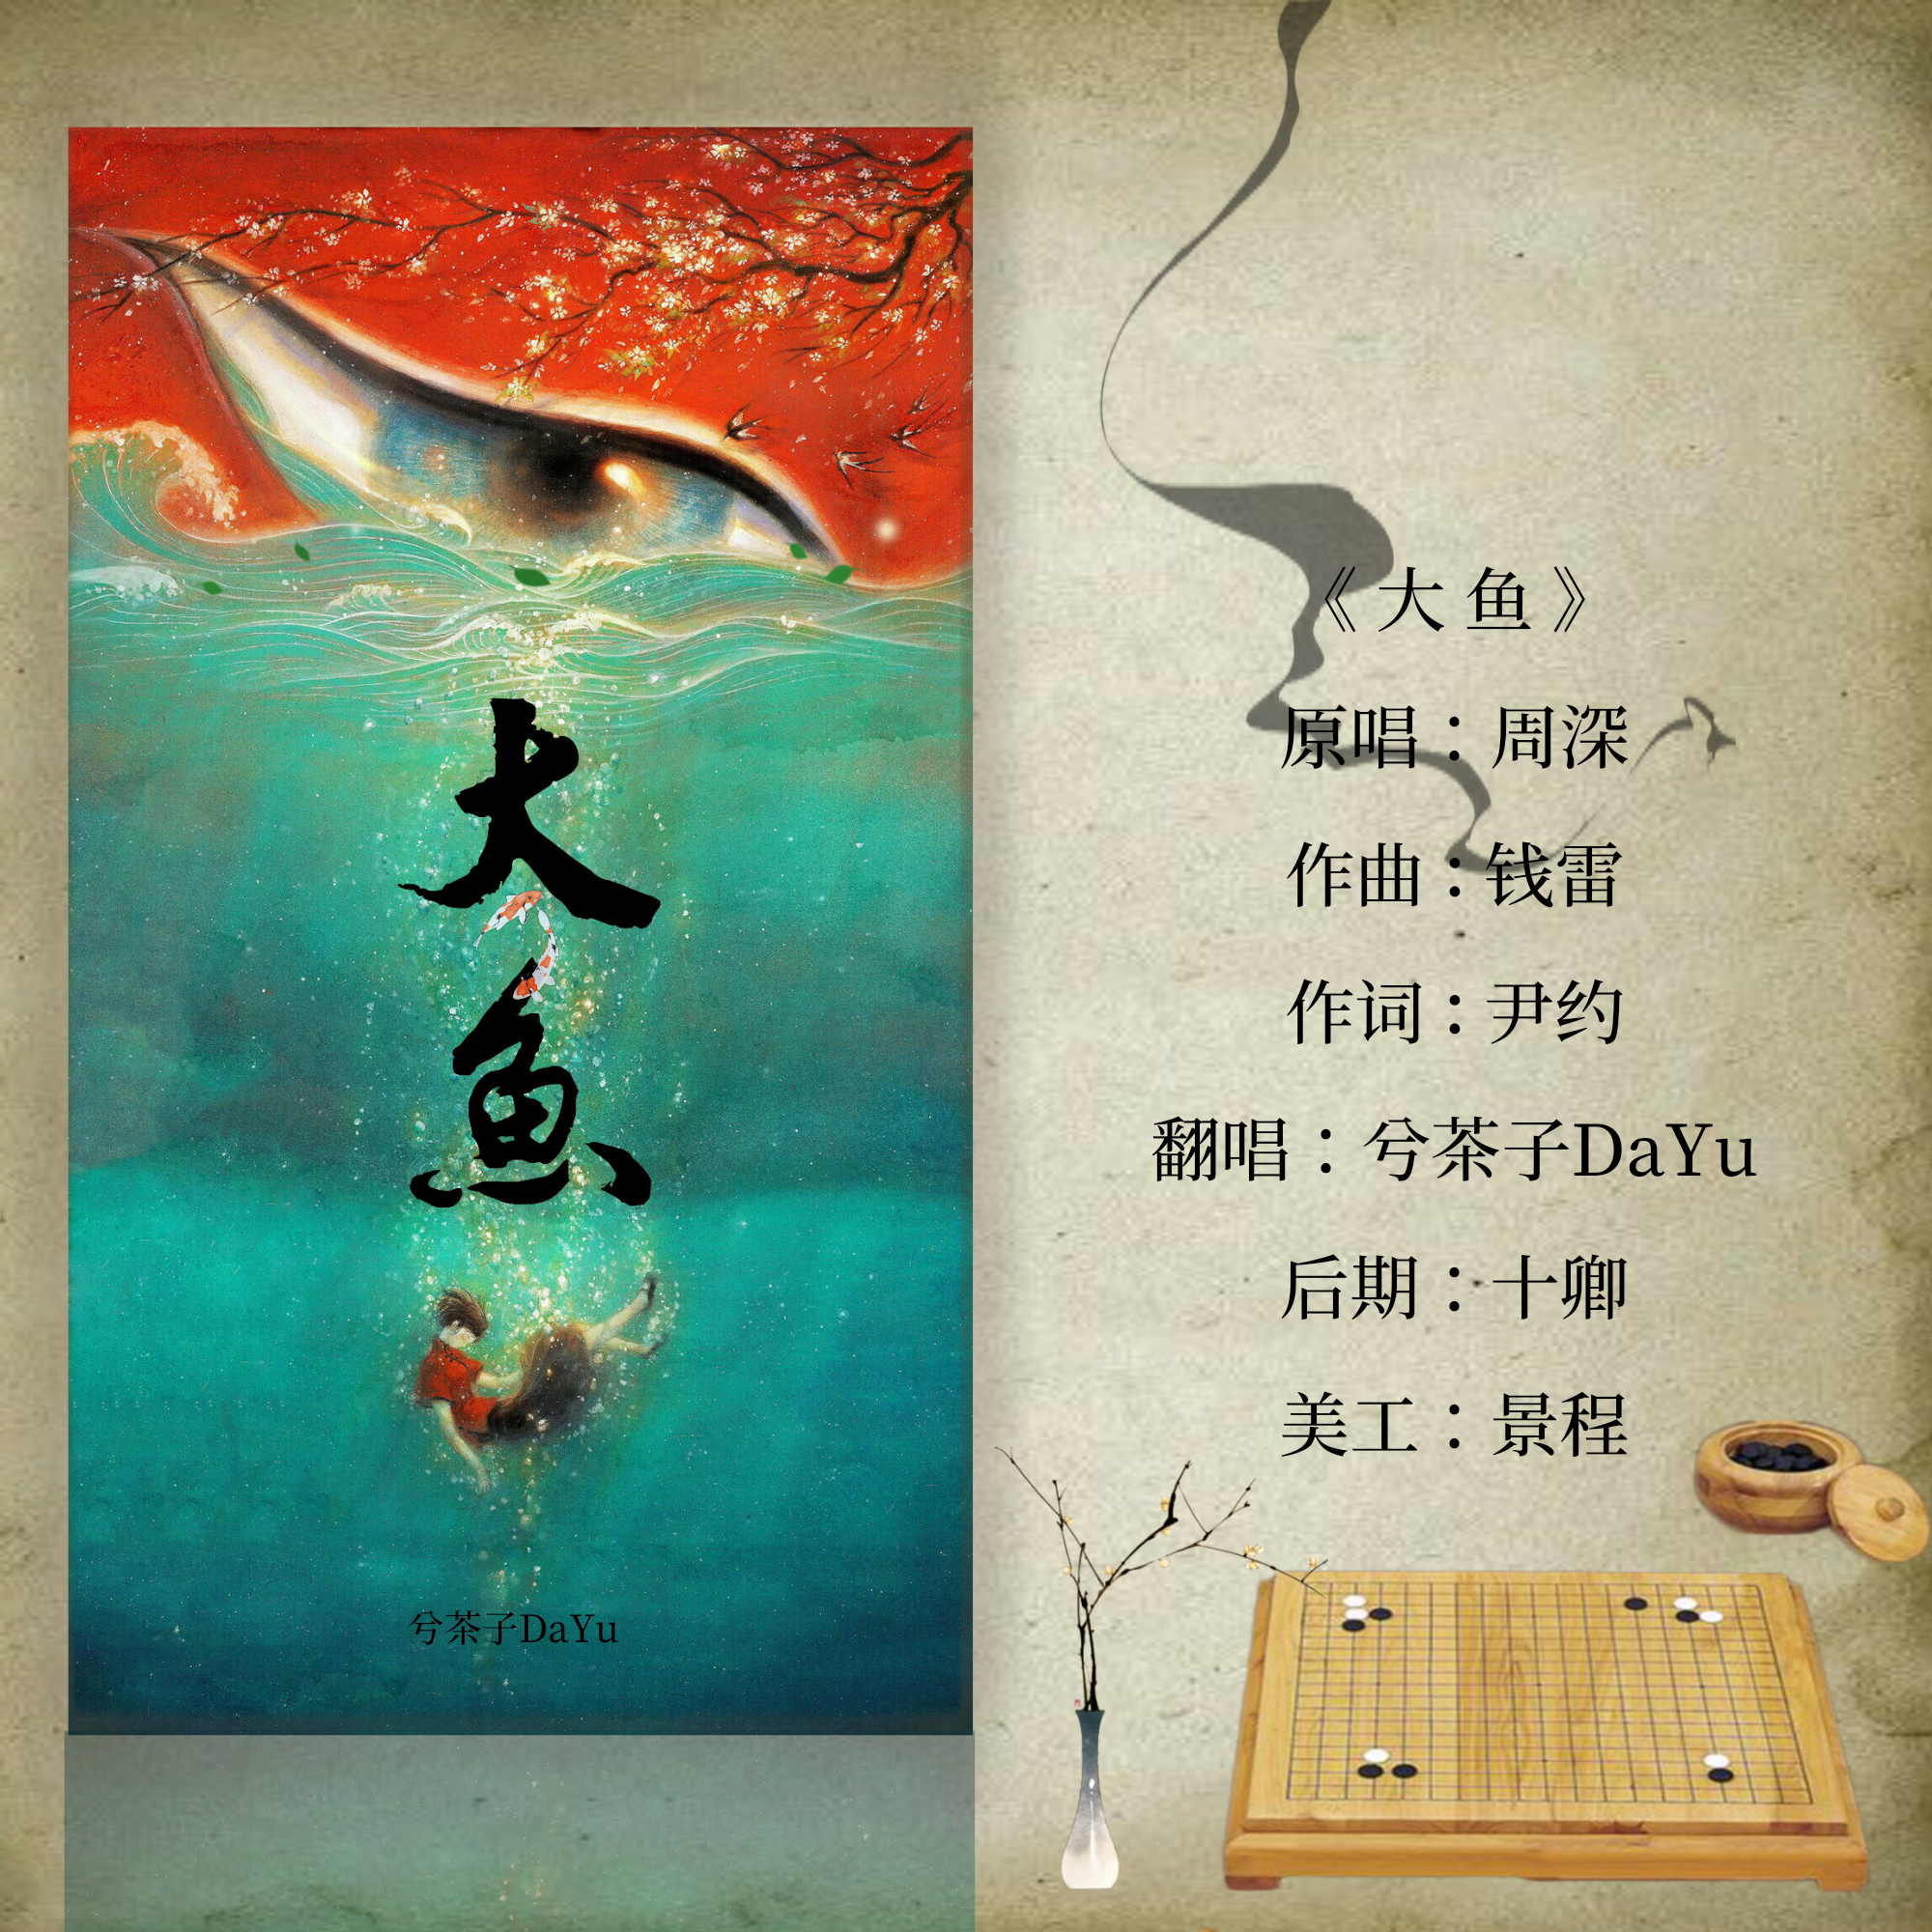 大鱼(cover 周深)